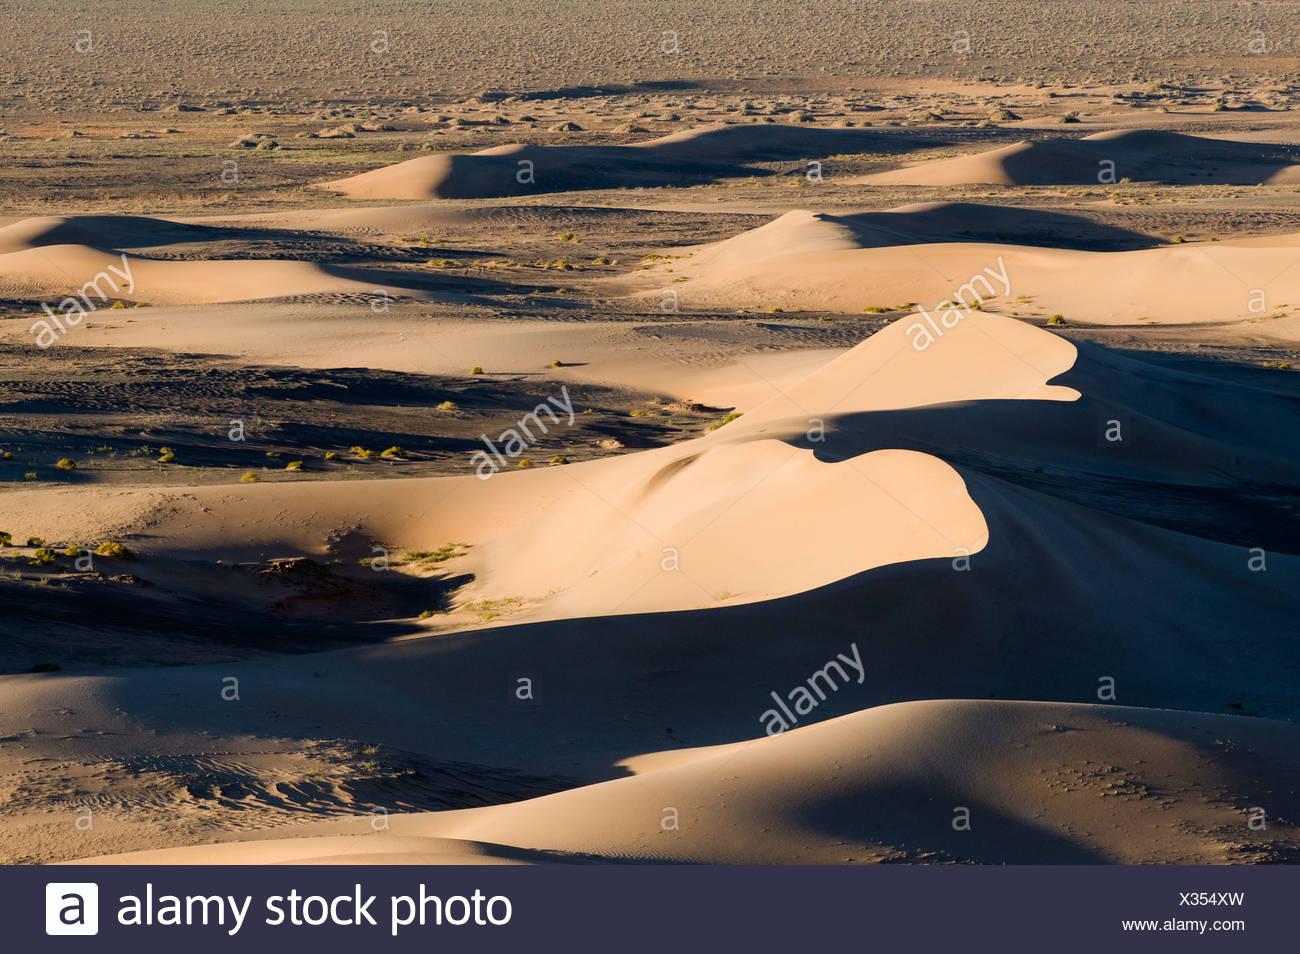 Khongoryn Els sand dunes in southern Gobi Desert Mongolia winter - Stock Image